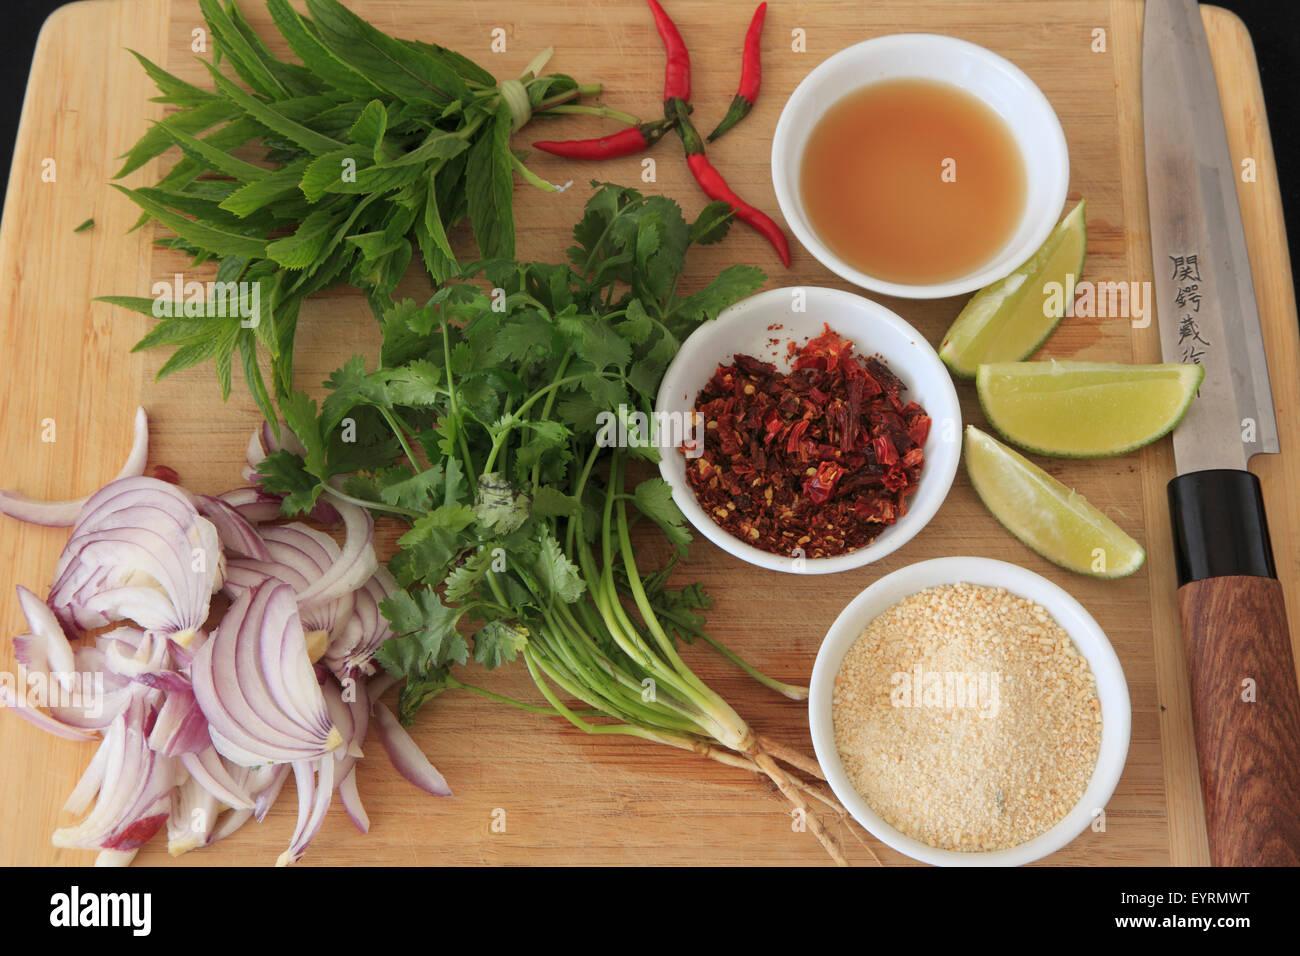 Cibo laotiano, larb, ingredienti, condimento, erbe aromatiche, spezie, Immagini Stock